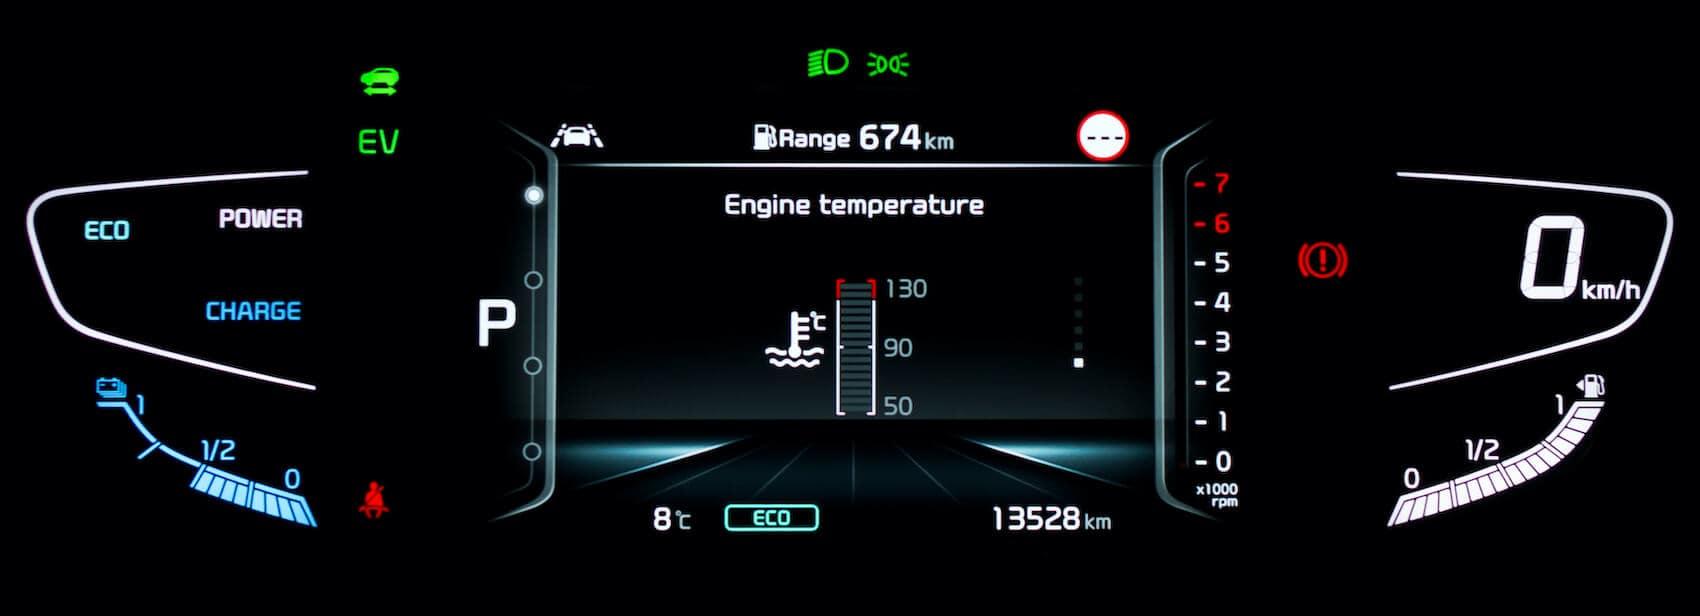 Electric Car Mileage